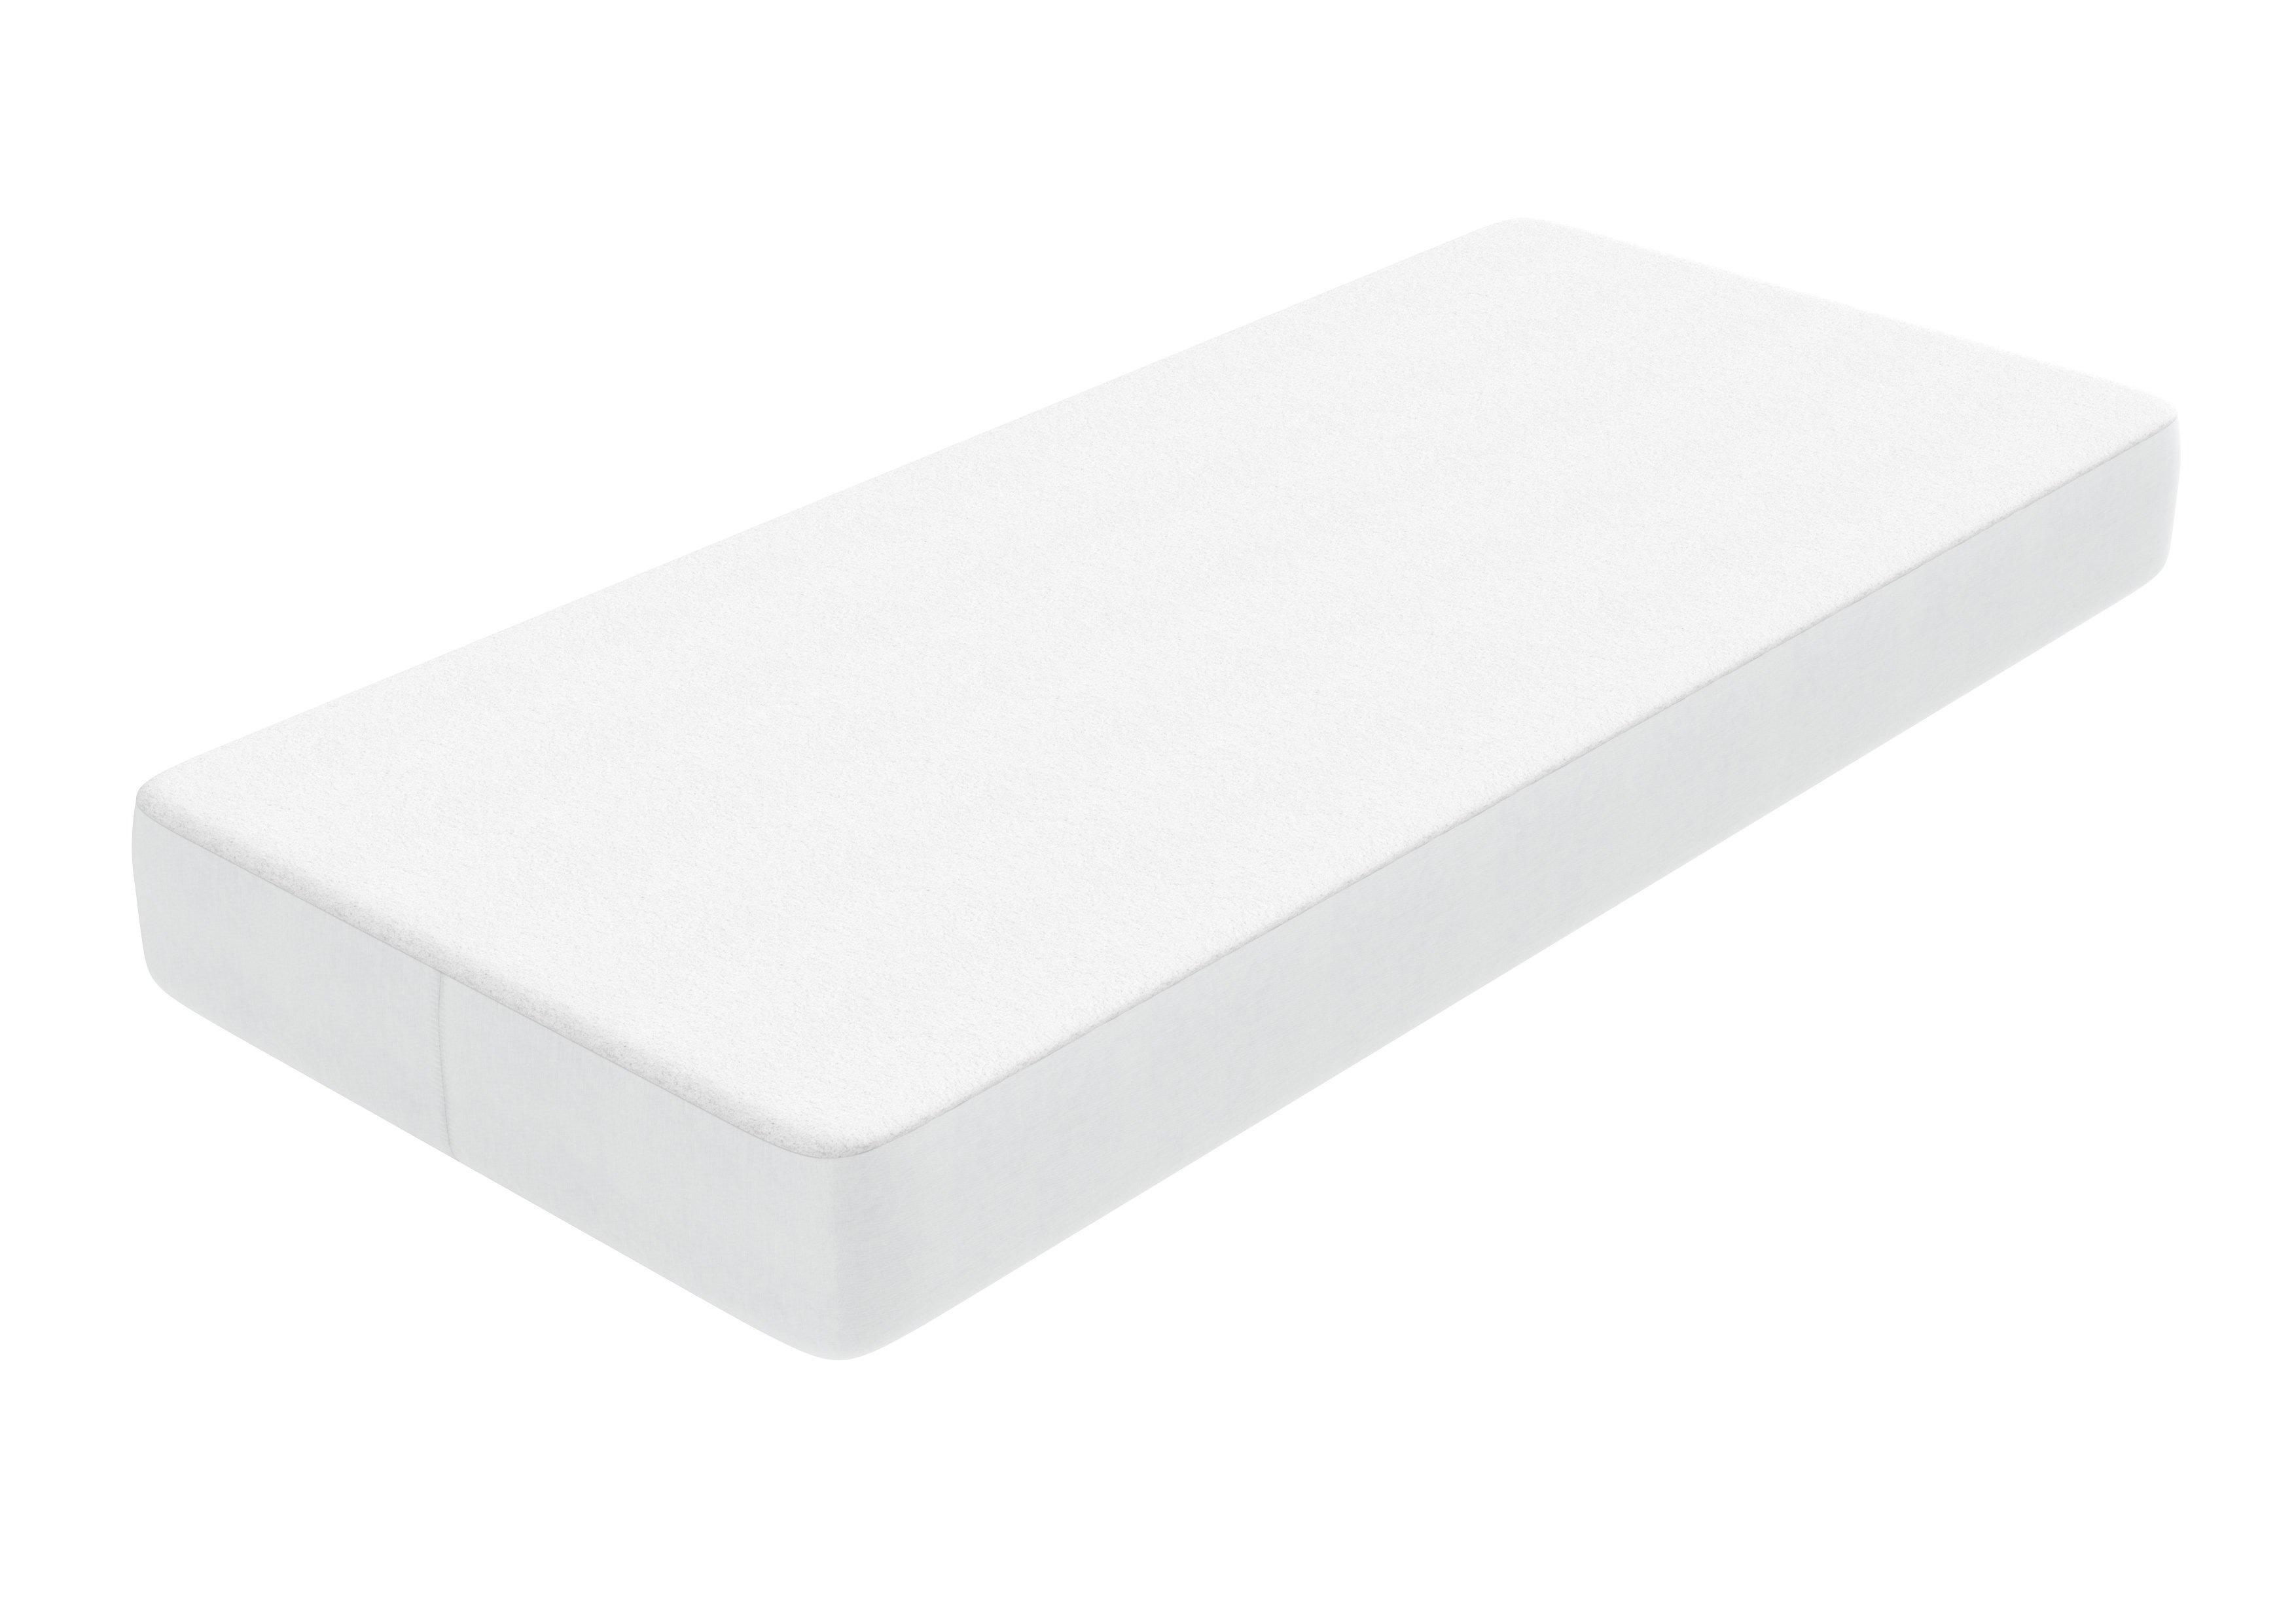 Защитный чехол Орматек Aqua Save Light S 800*1900 фото